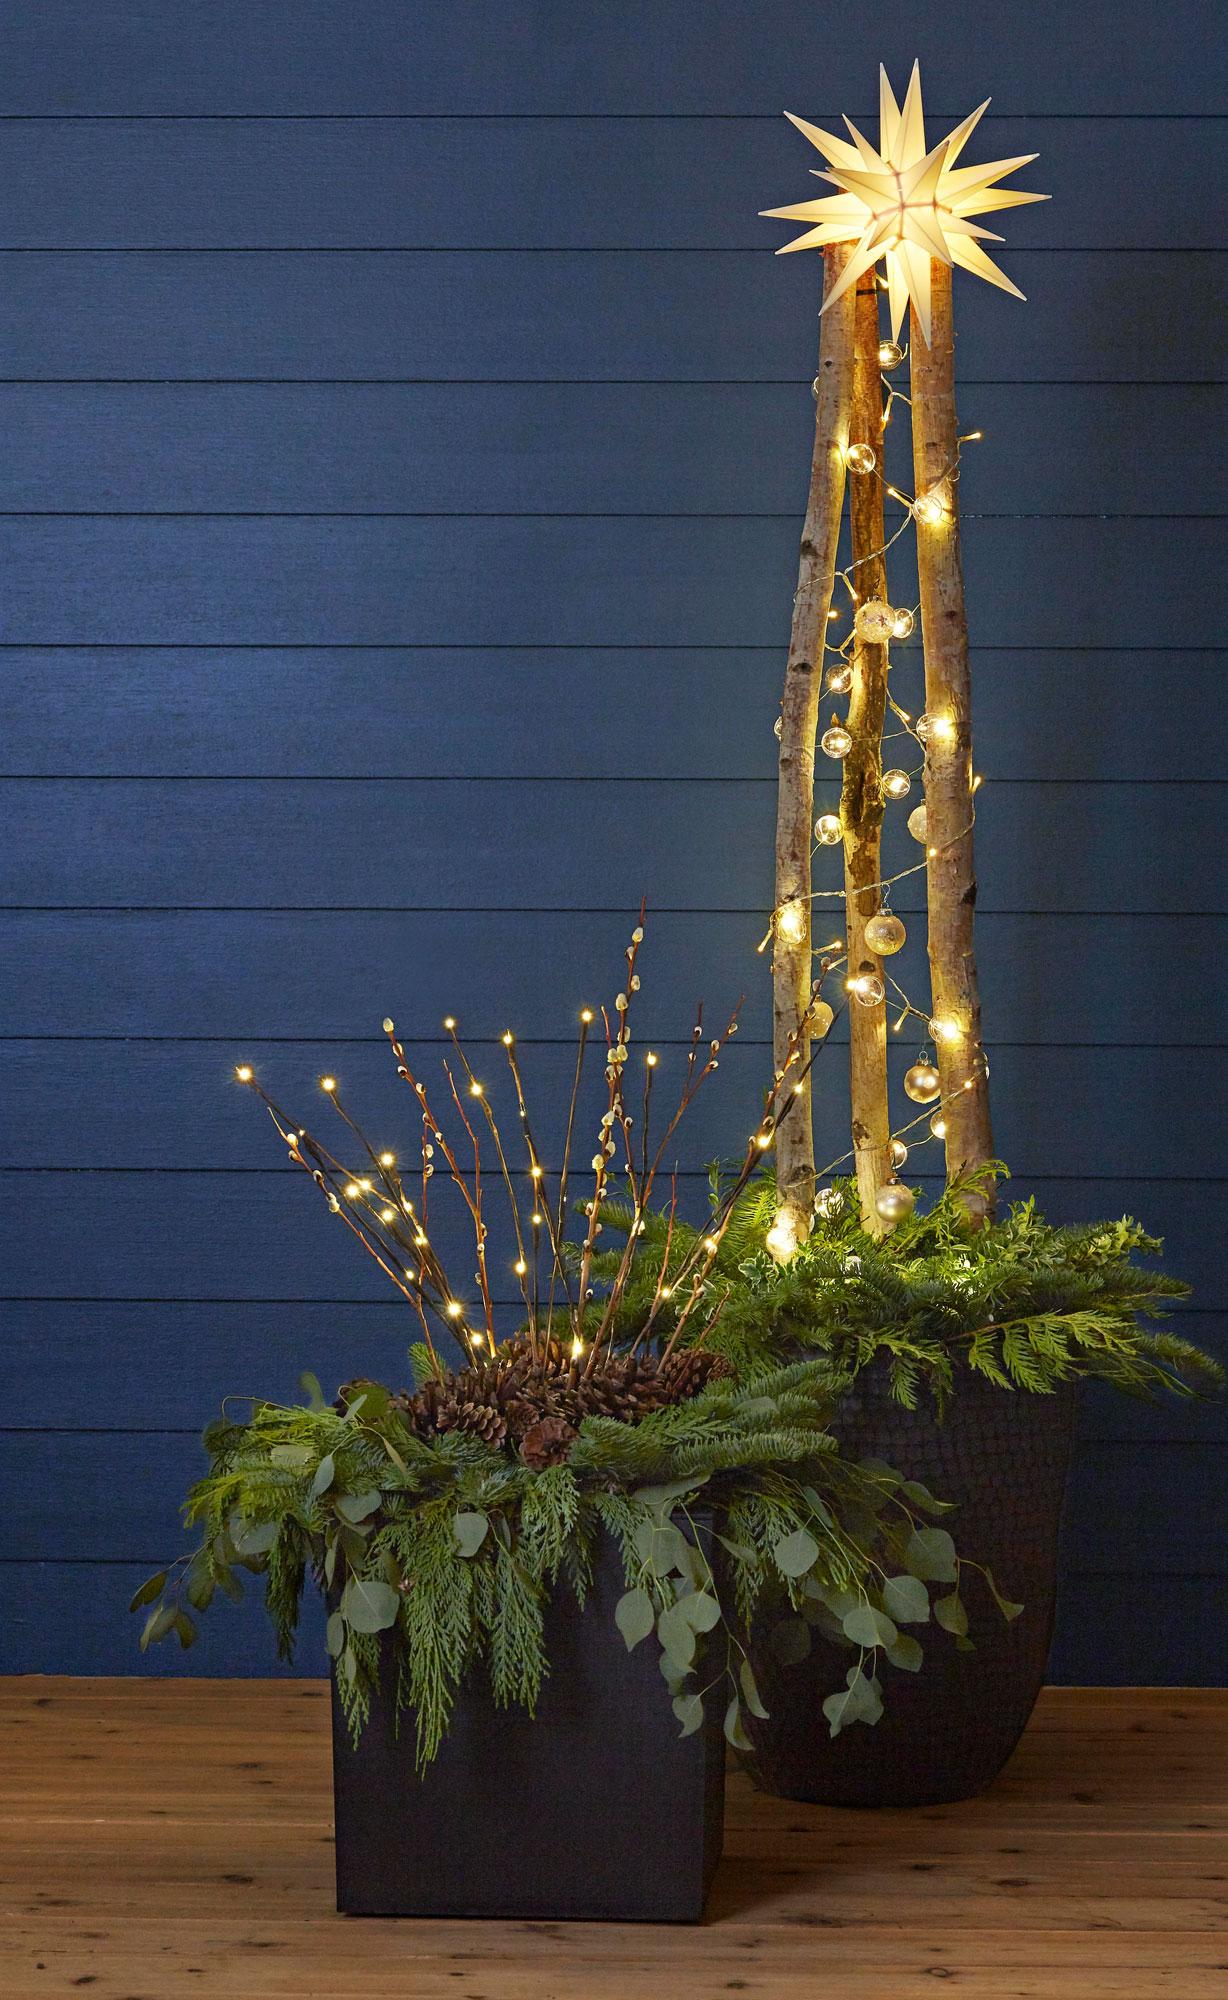 Winter front porch arrangement